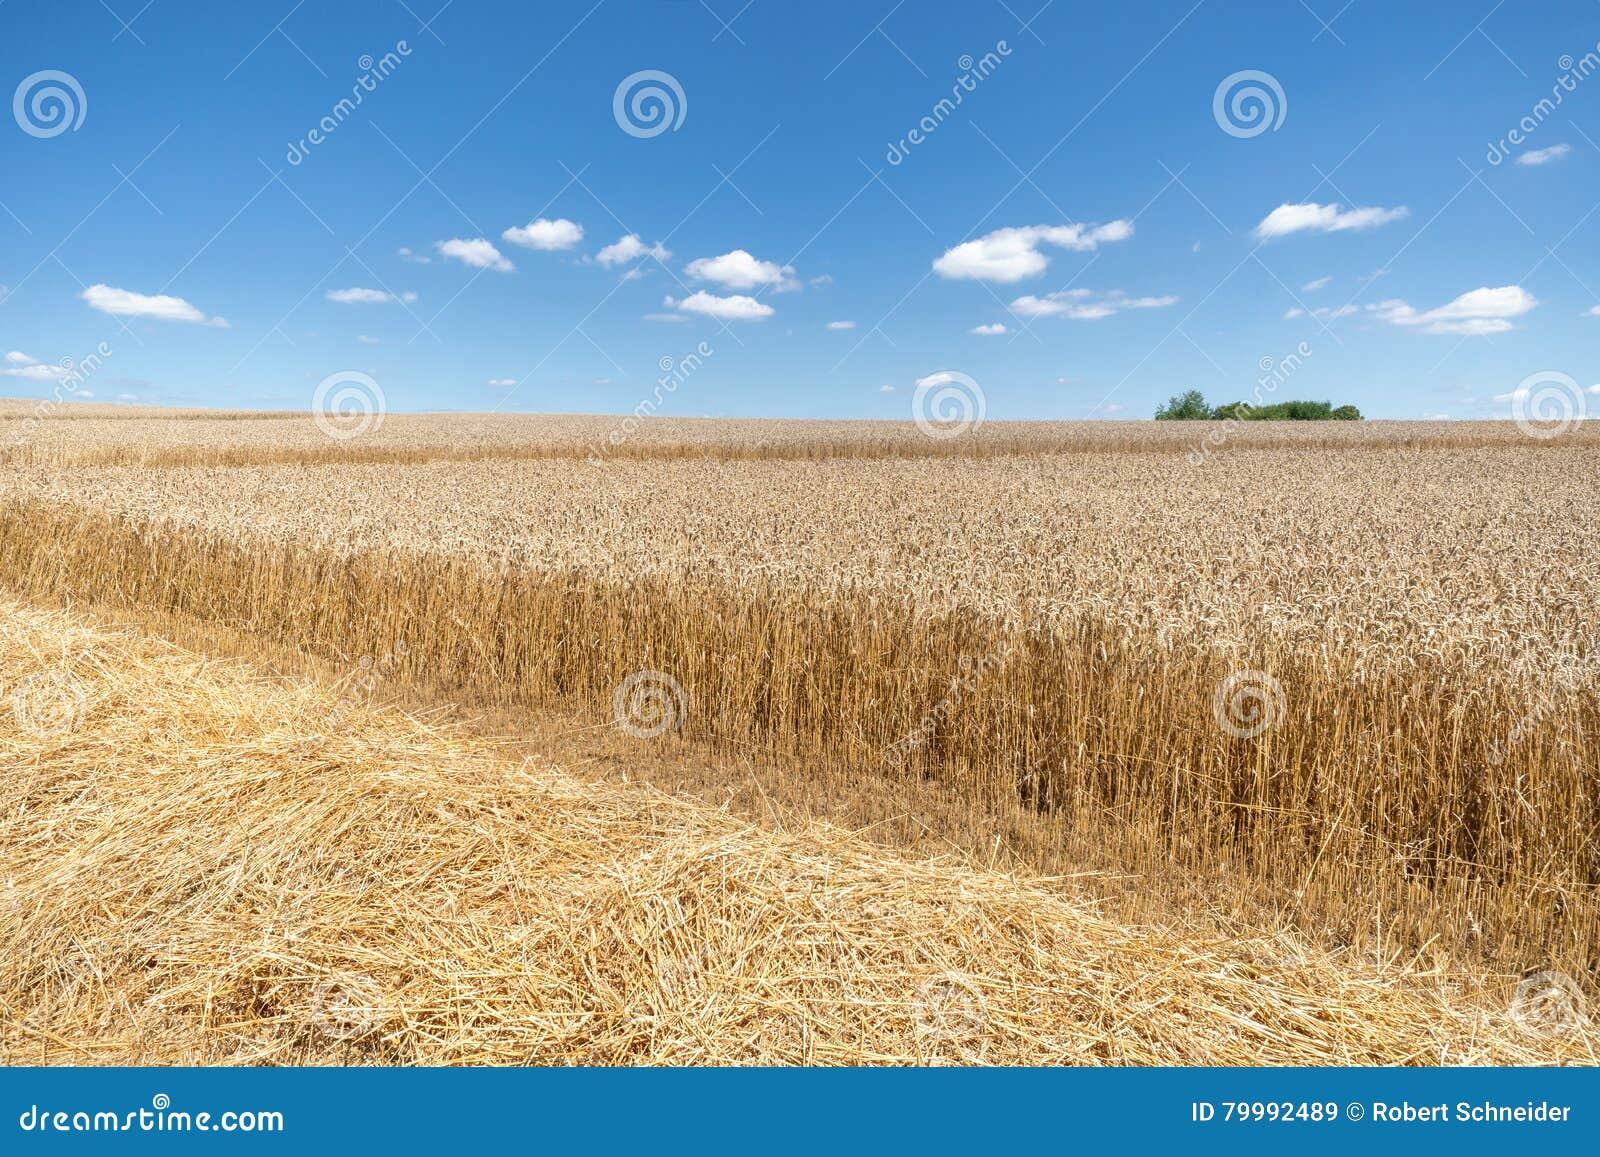 Paille devant un champ de blé mûr